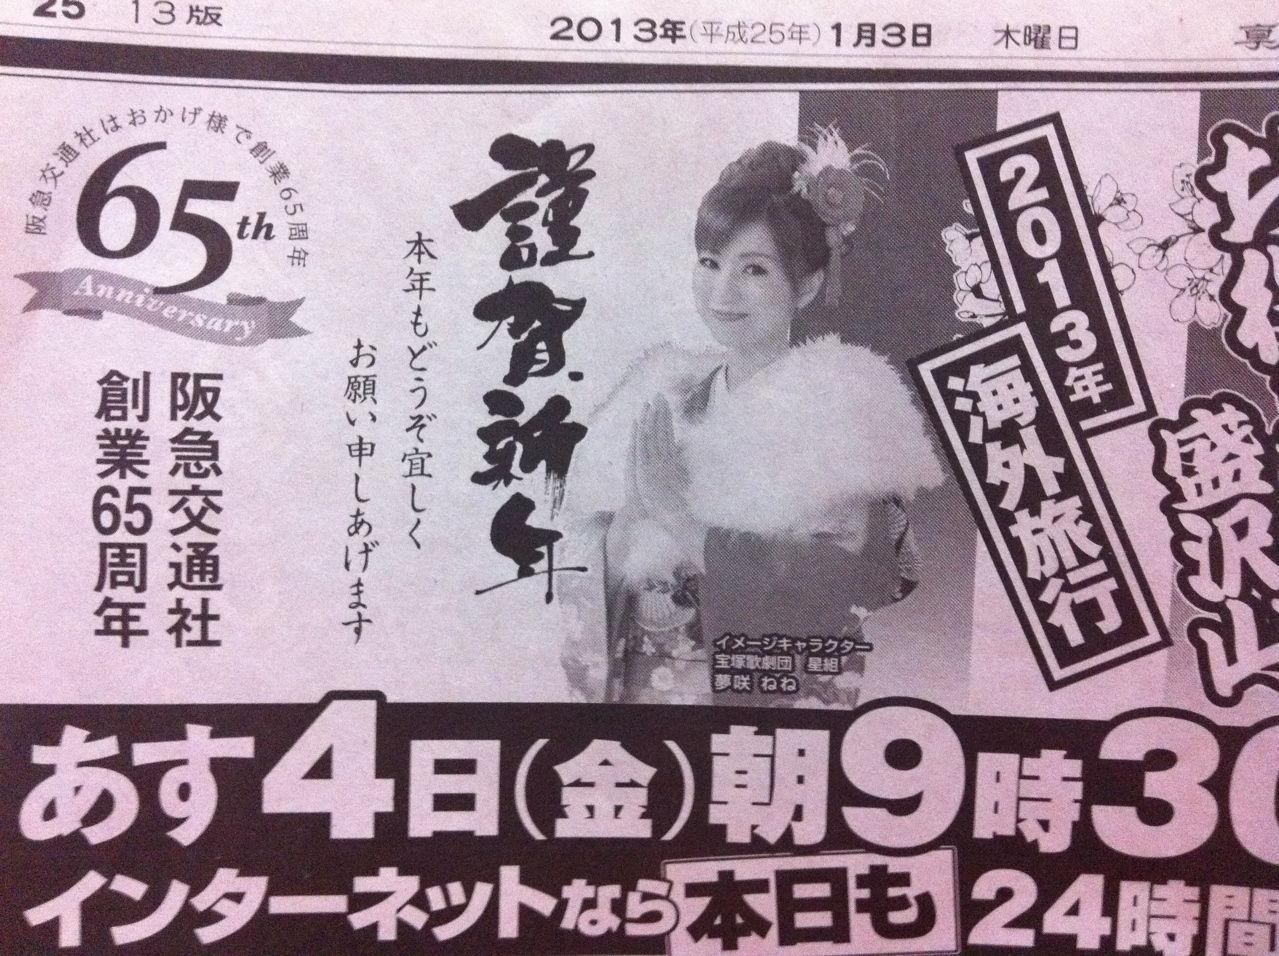 20130103夢咲ねね@阪急交通社広告 他の写真や実際の舞台を見たことがないので、化粧映えかど